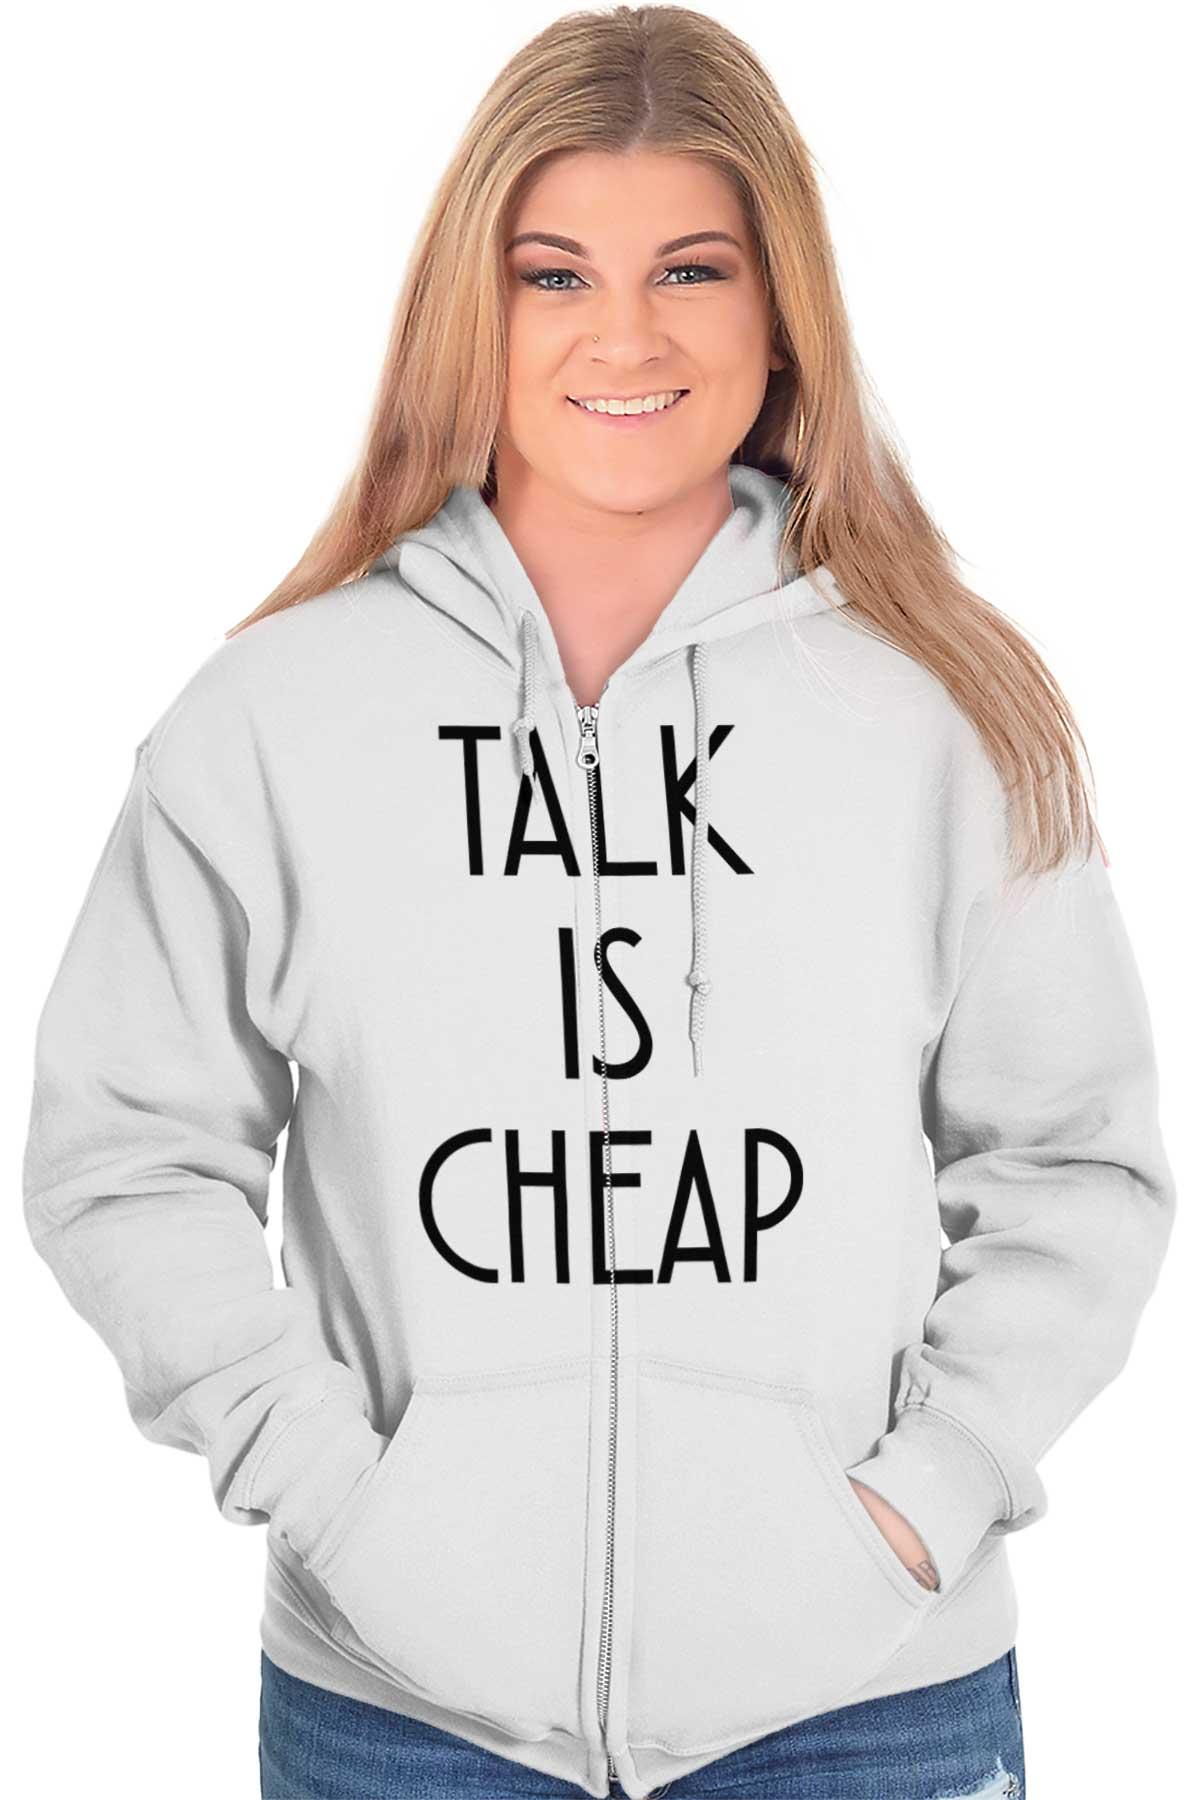 Talk Is Cheap Motivational Workout Gym Gift Zipper Sweat Shirt Zip Sweatshirt